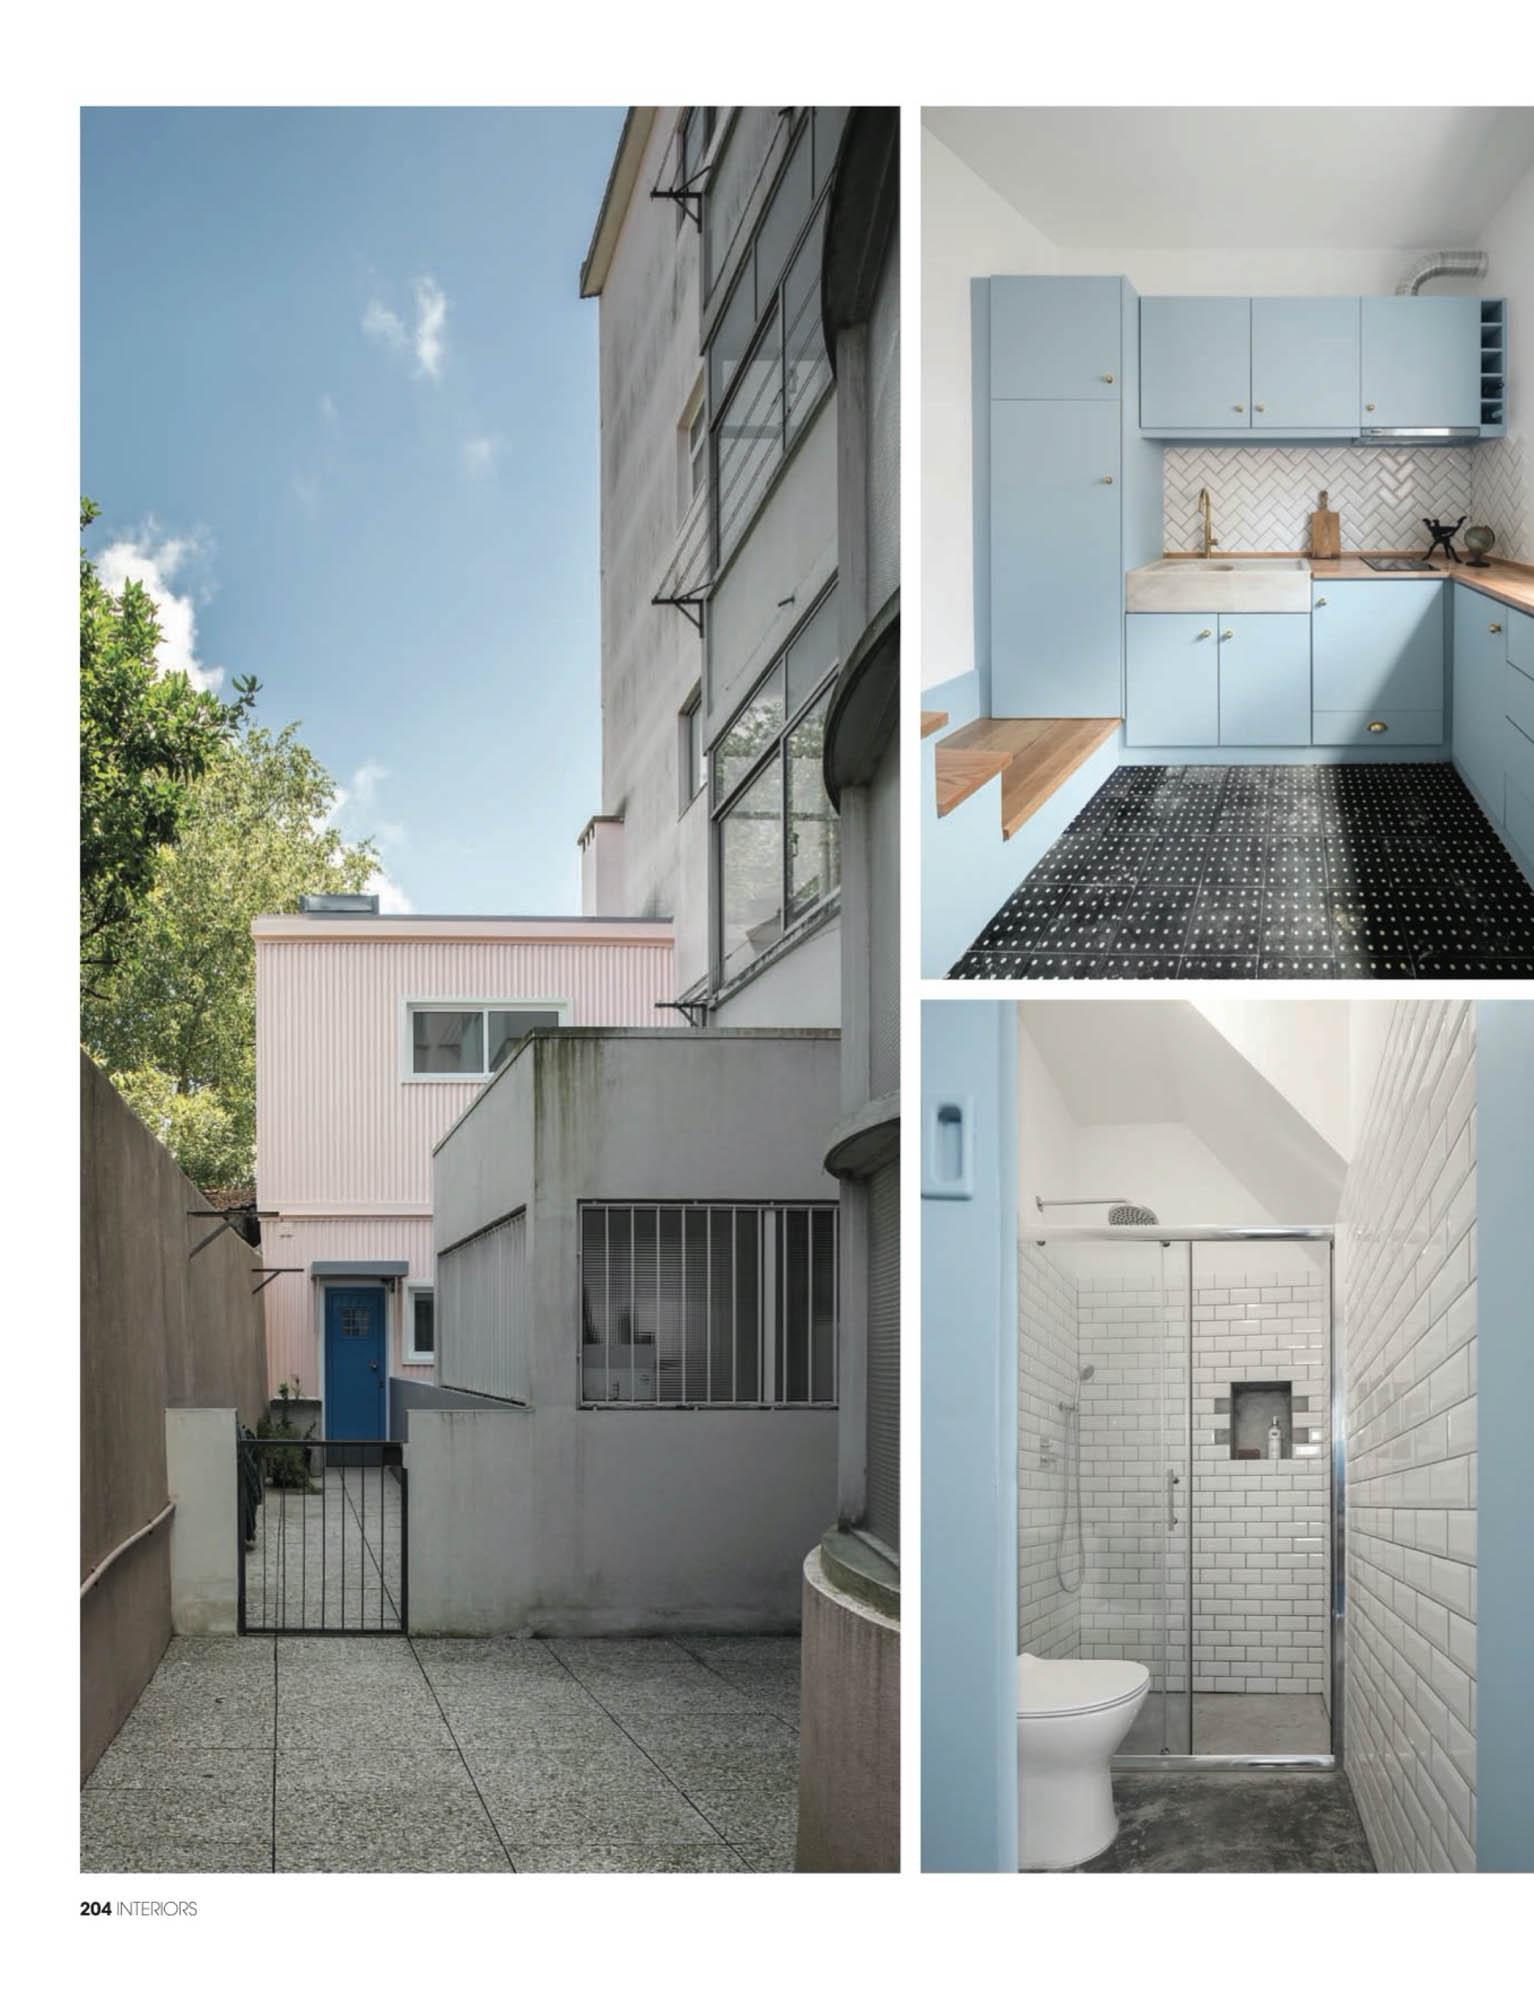 Casa Zaire No Porto Do Atelier Paulo Moreira Architectures Publi do fotografo Ivo Tavares Studio